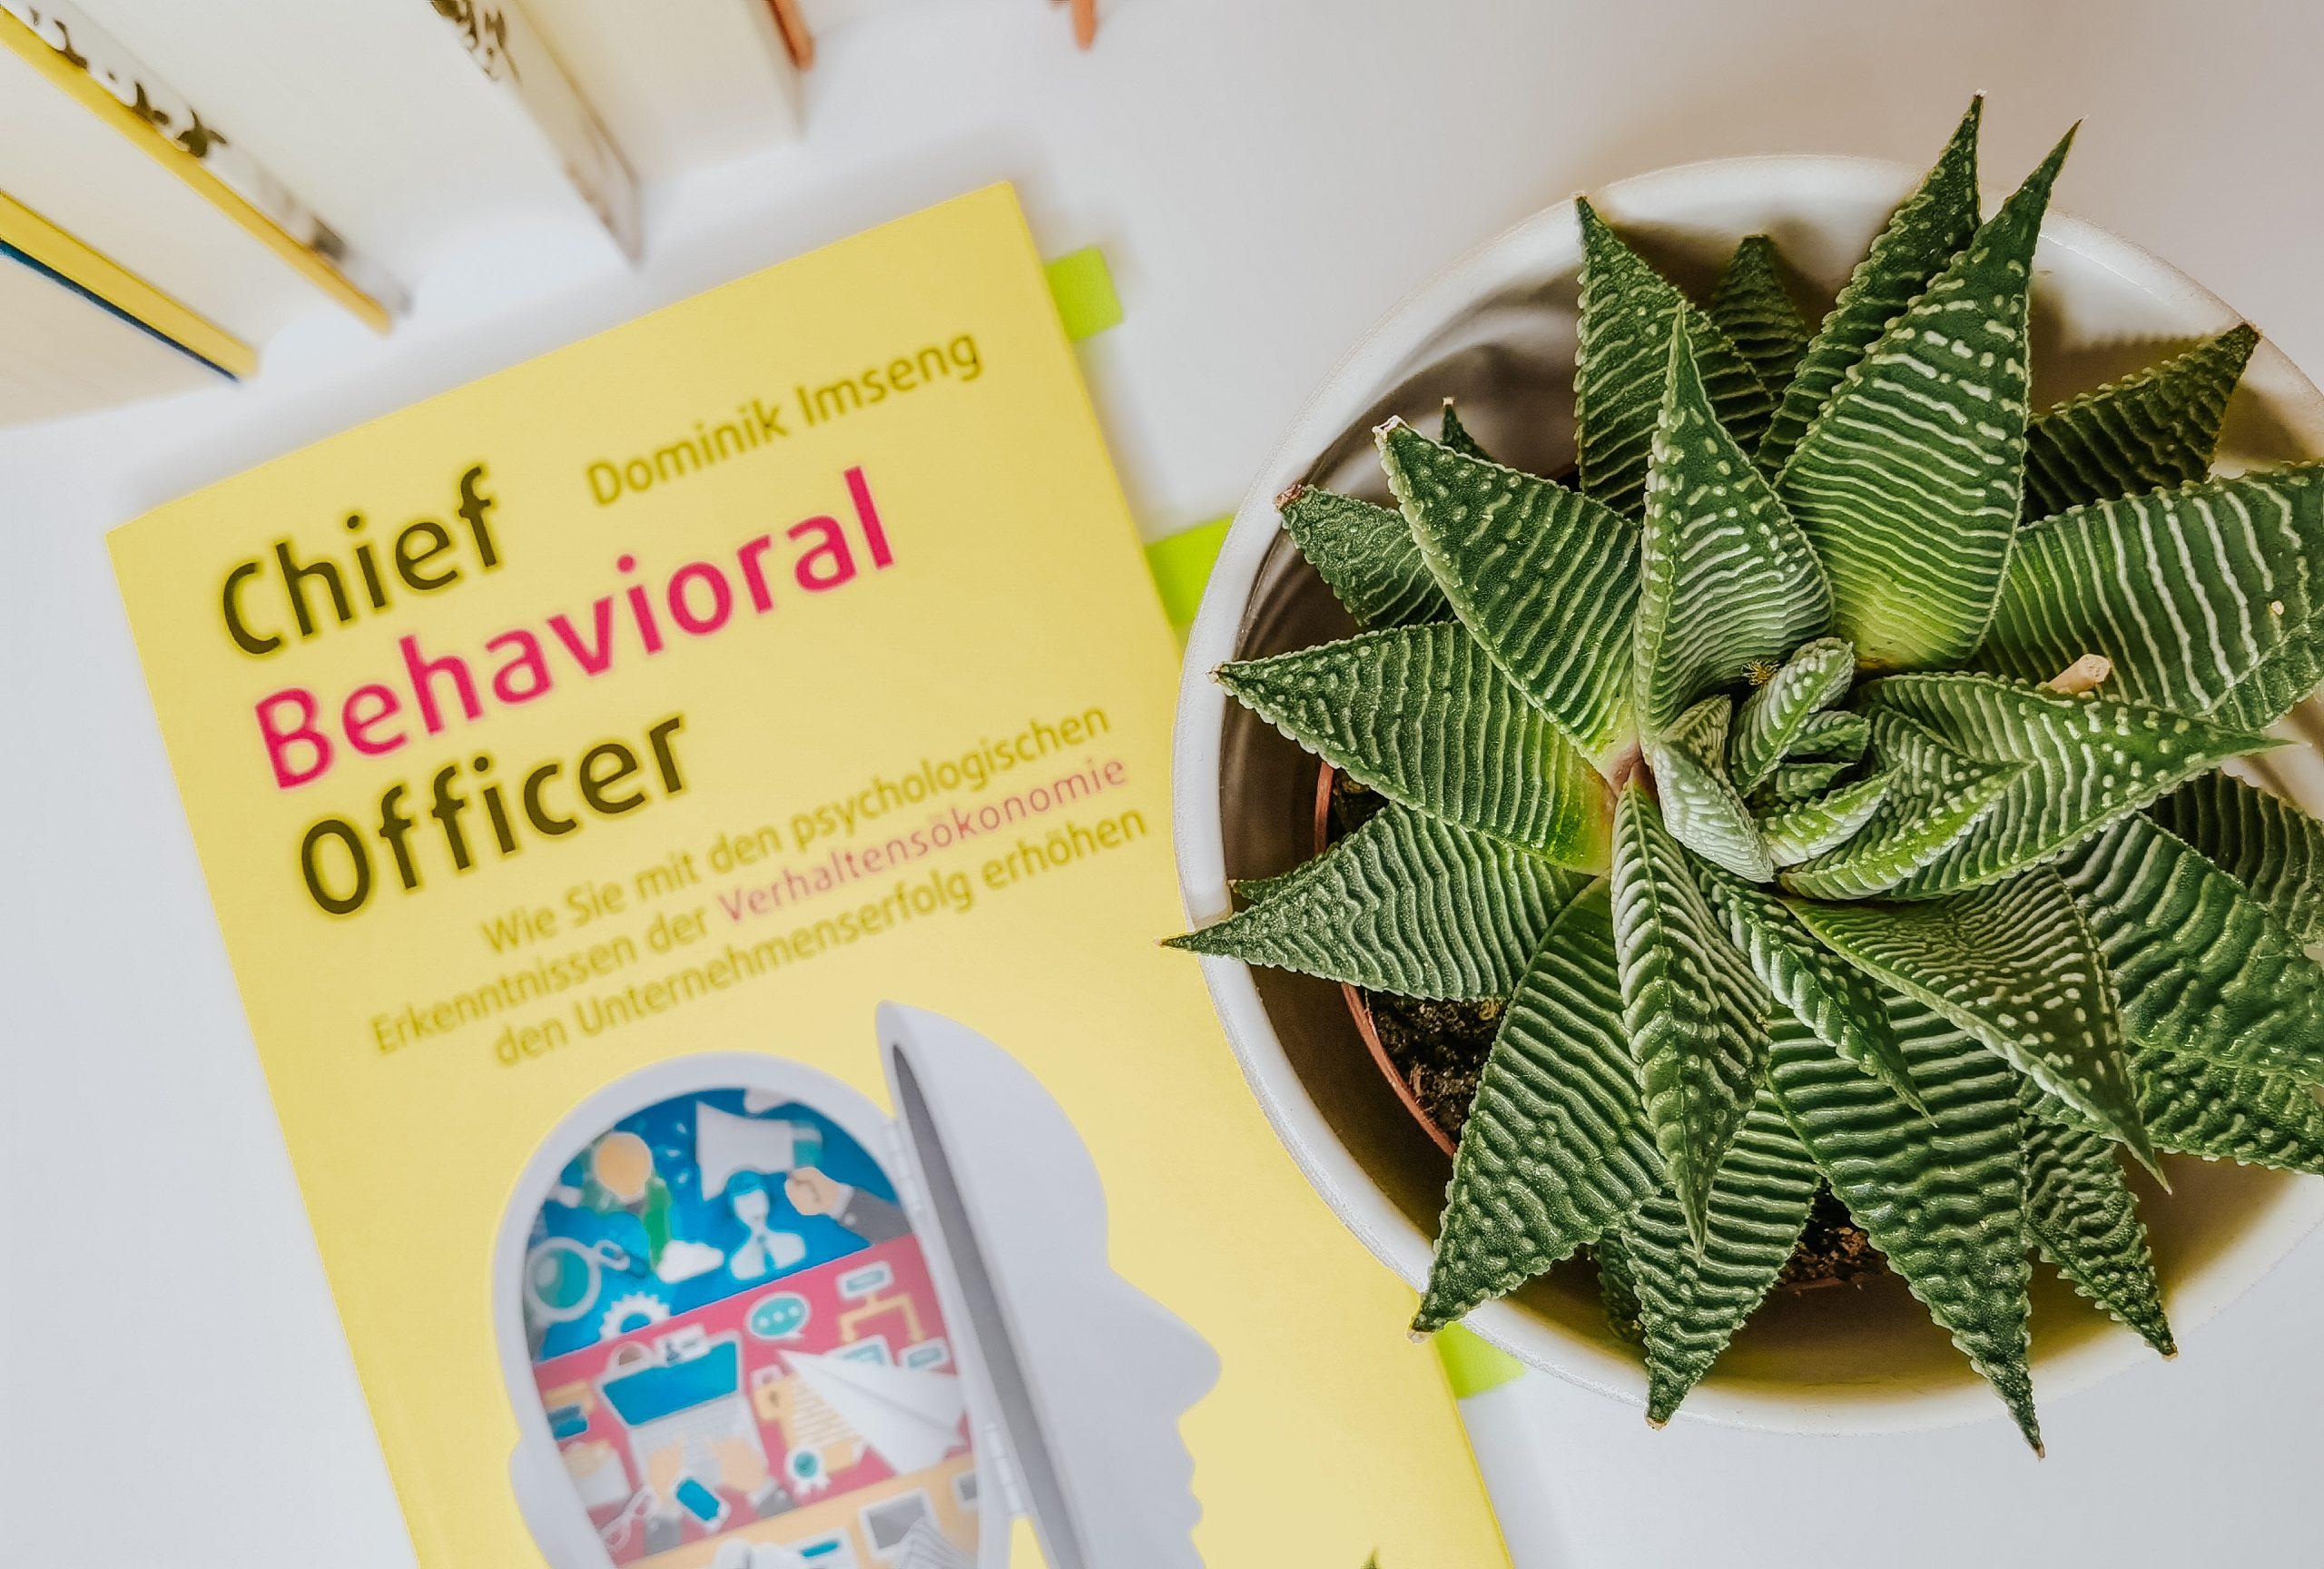 Chief Behavioral Officer - Verhaltensökonomie